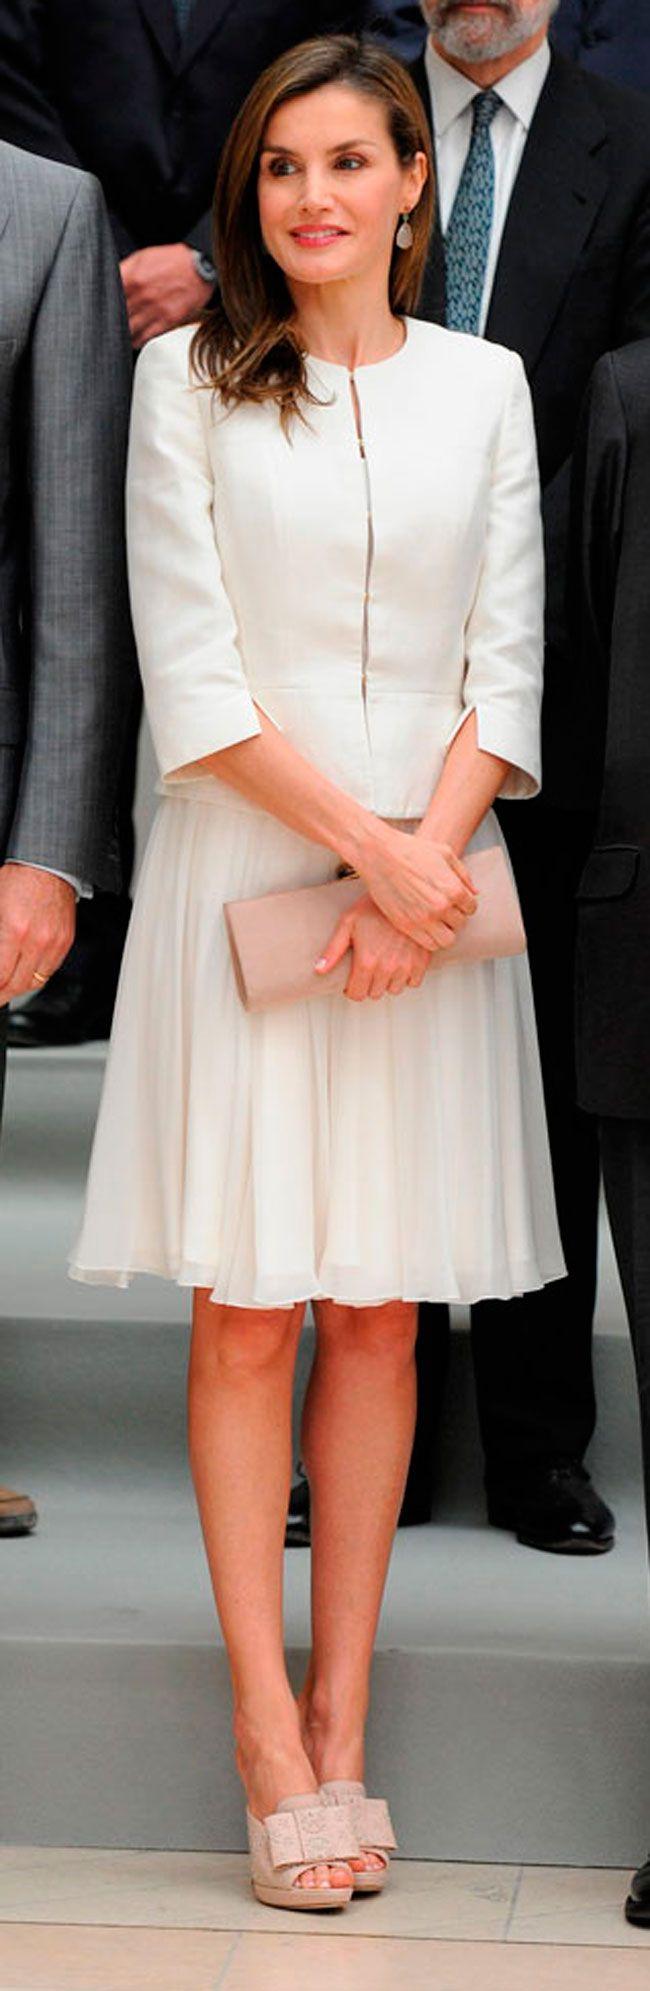 La Reina atesora un sinfín de faldas, muchas de ellas de color blanco. Ideales para el verano, frescas y elegantes, repasamos el arsenal de su vestidor.